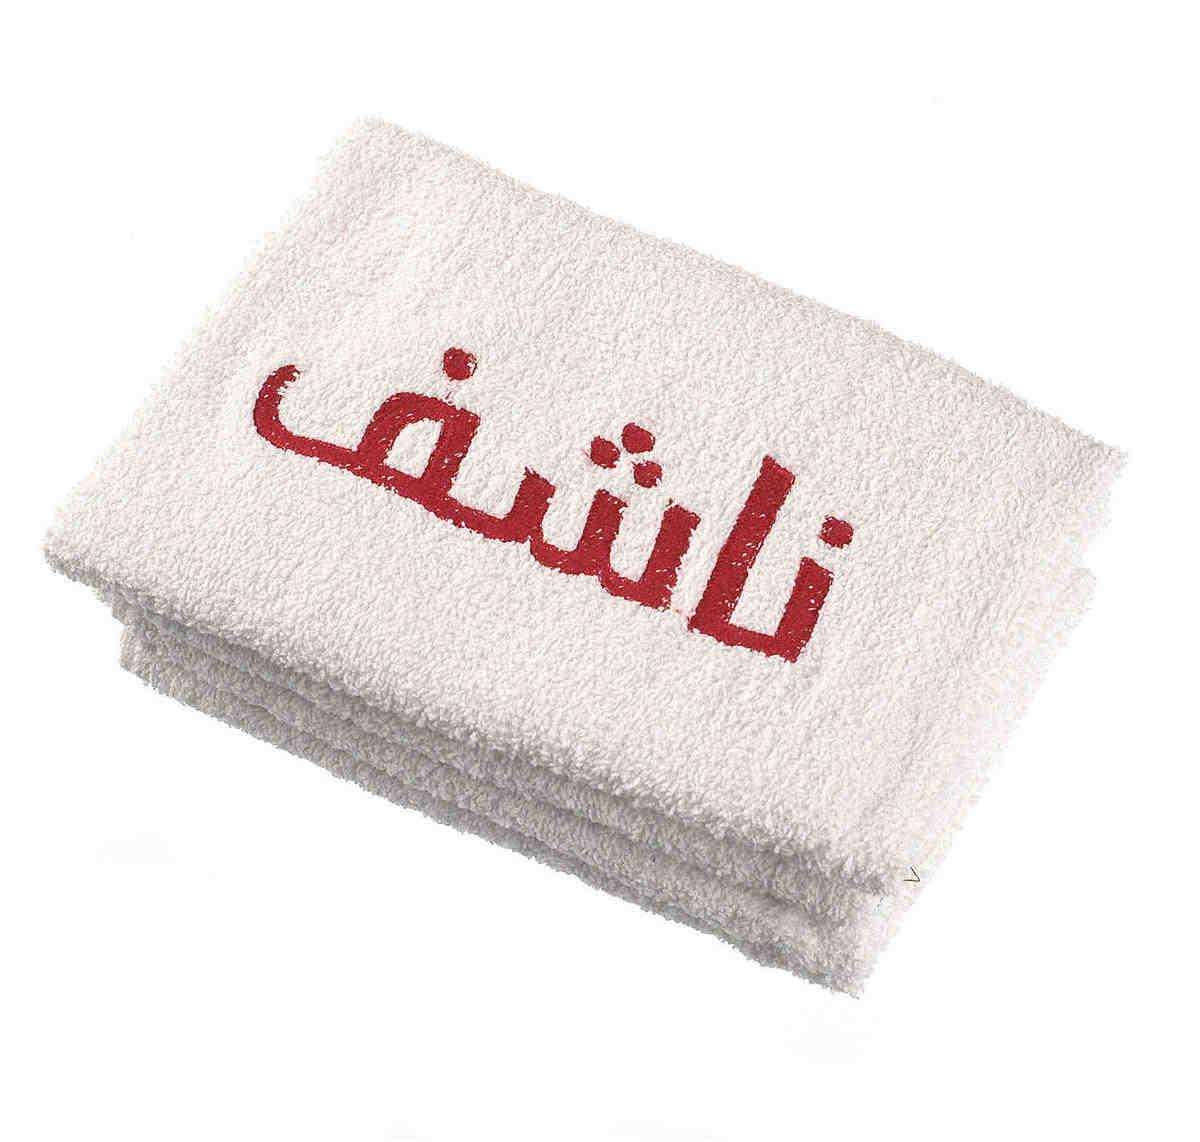 arabicvisual_4.jpg